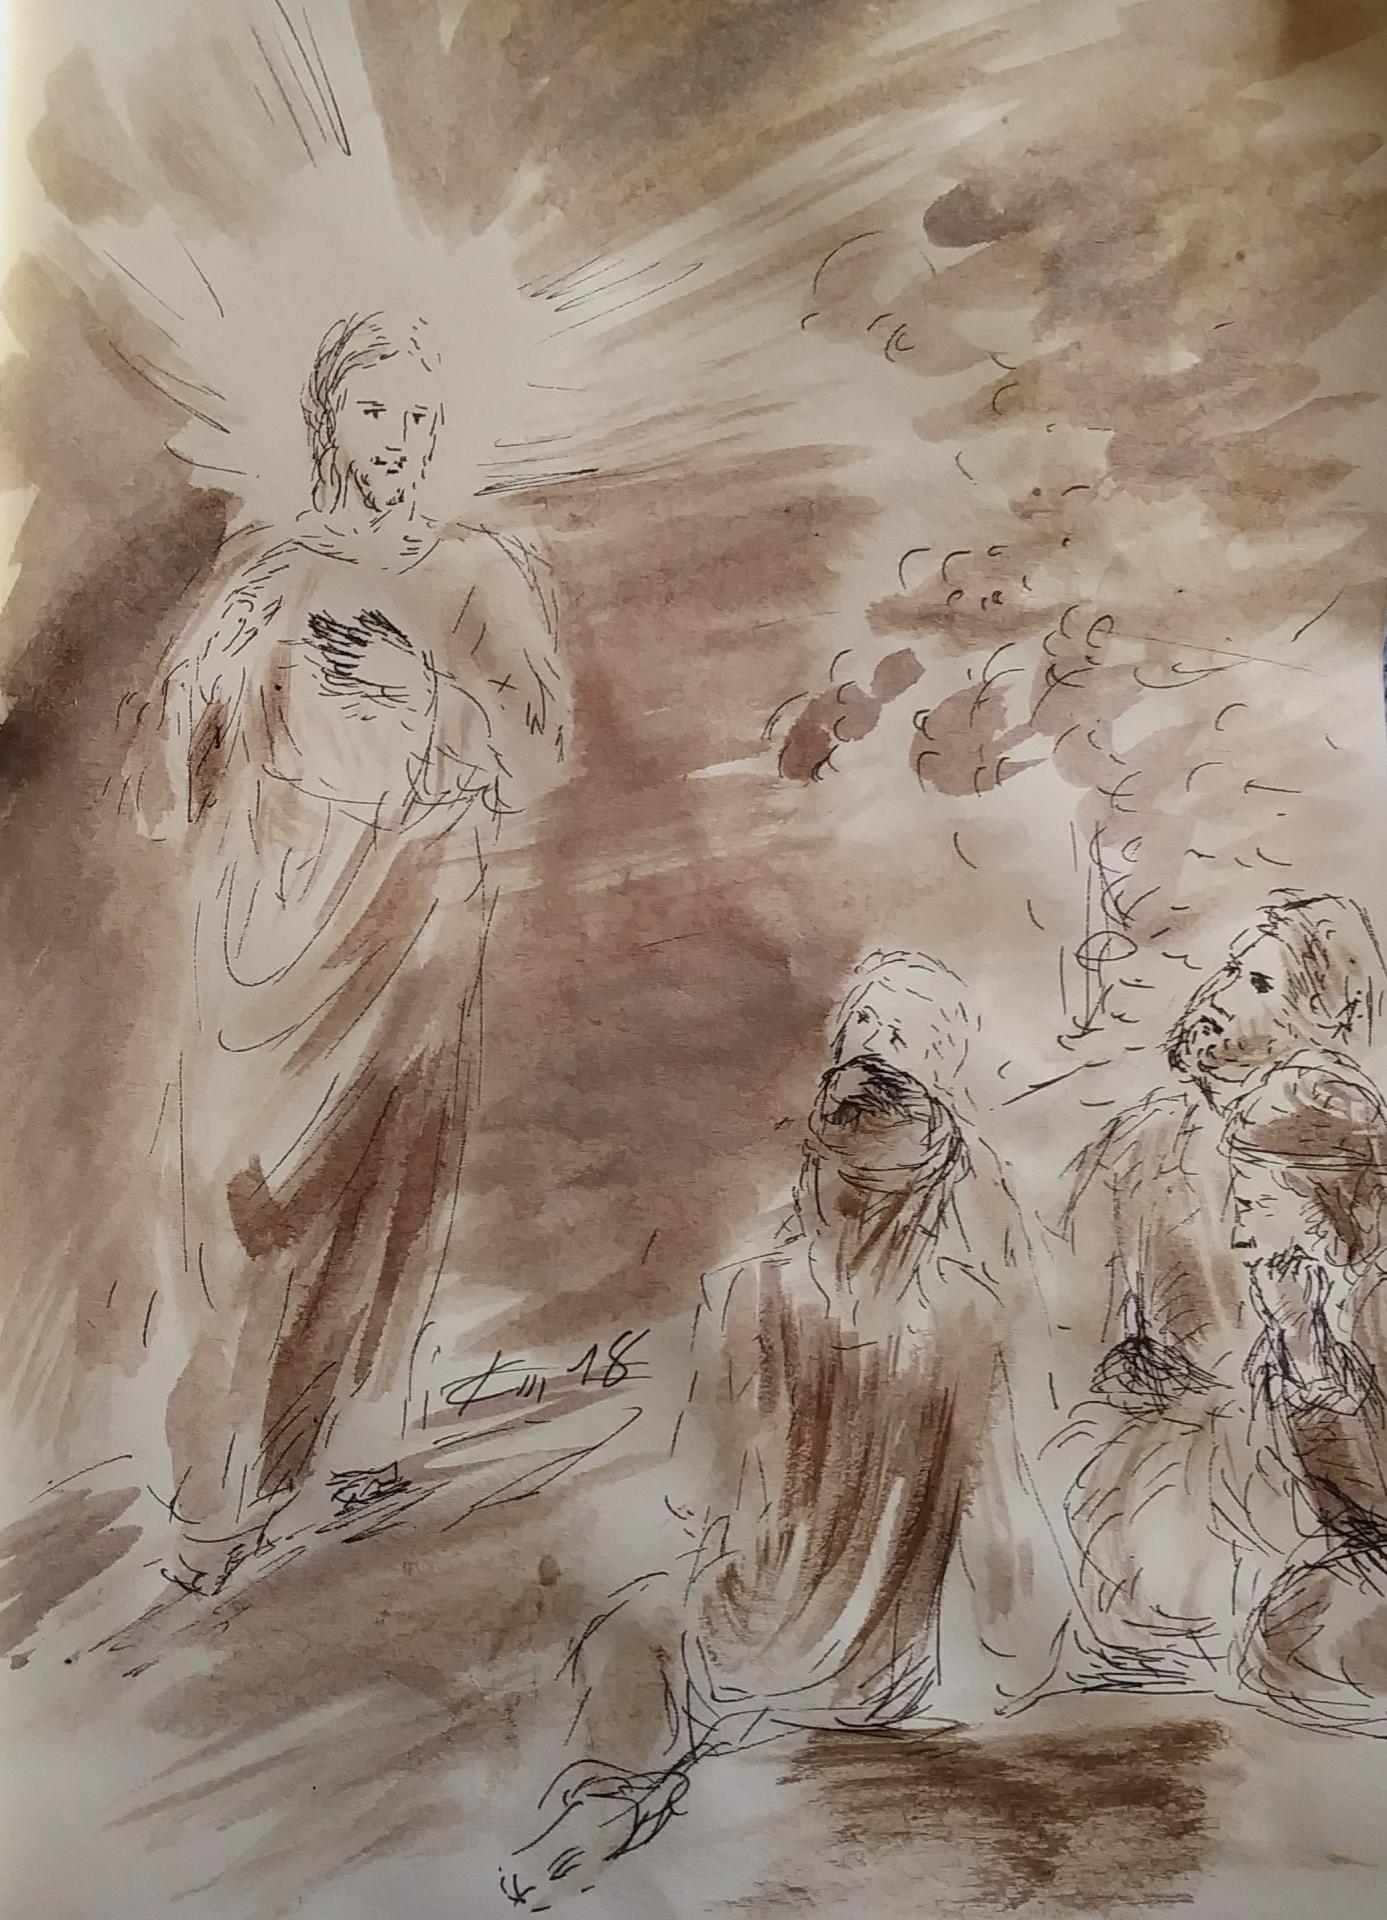 15 Mars, évangile du jour illustré